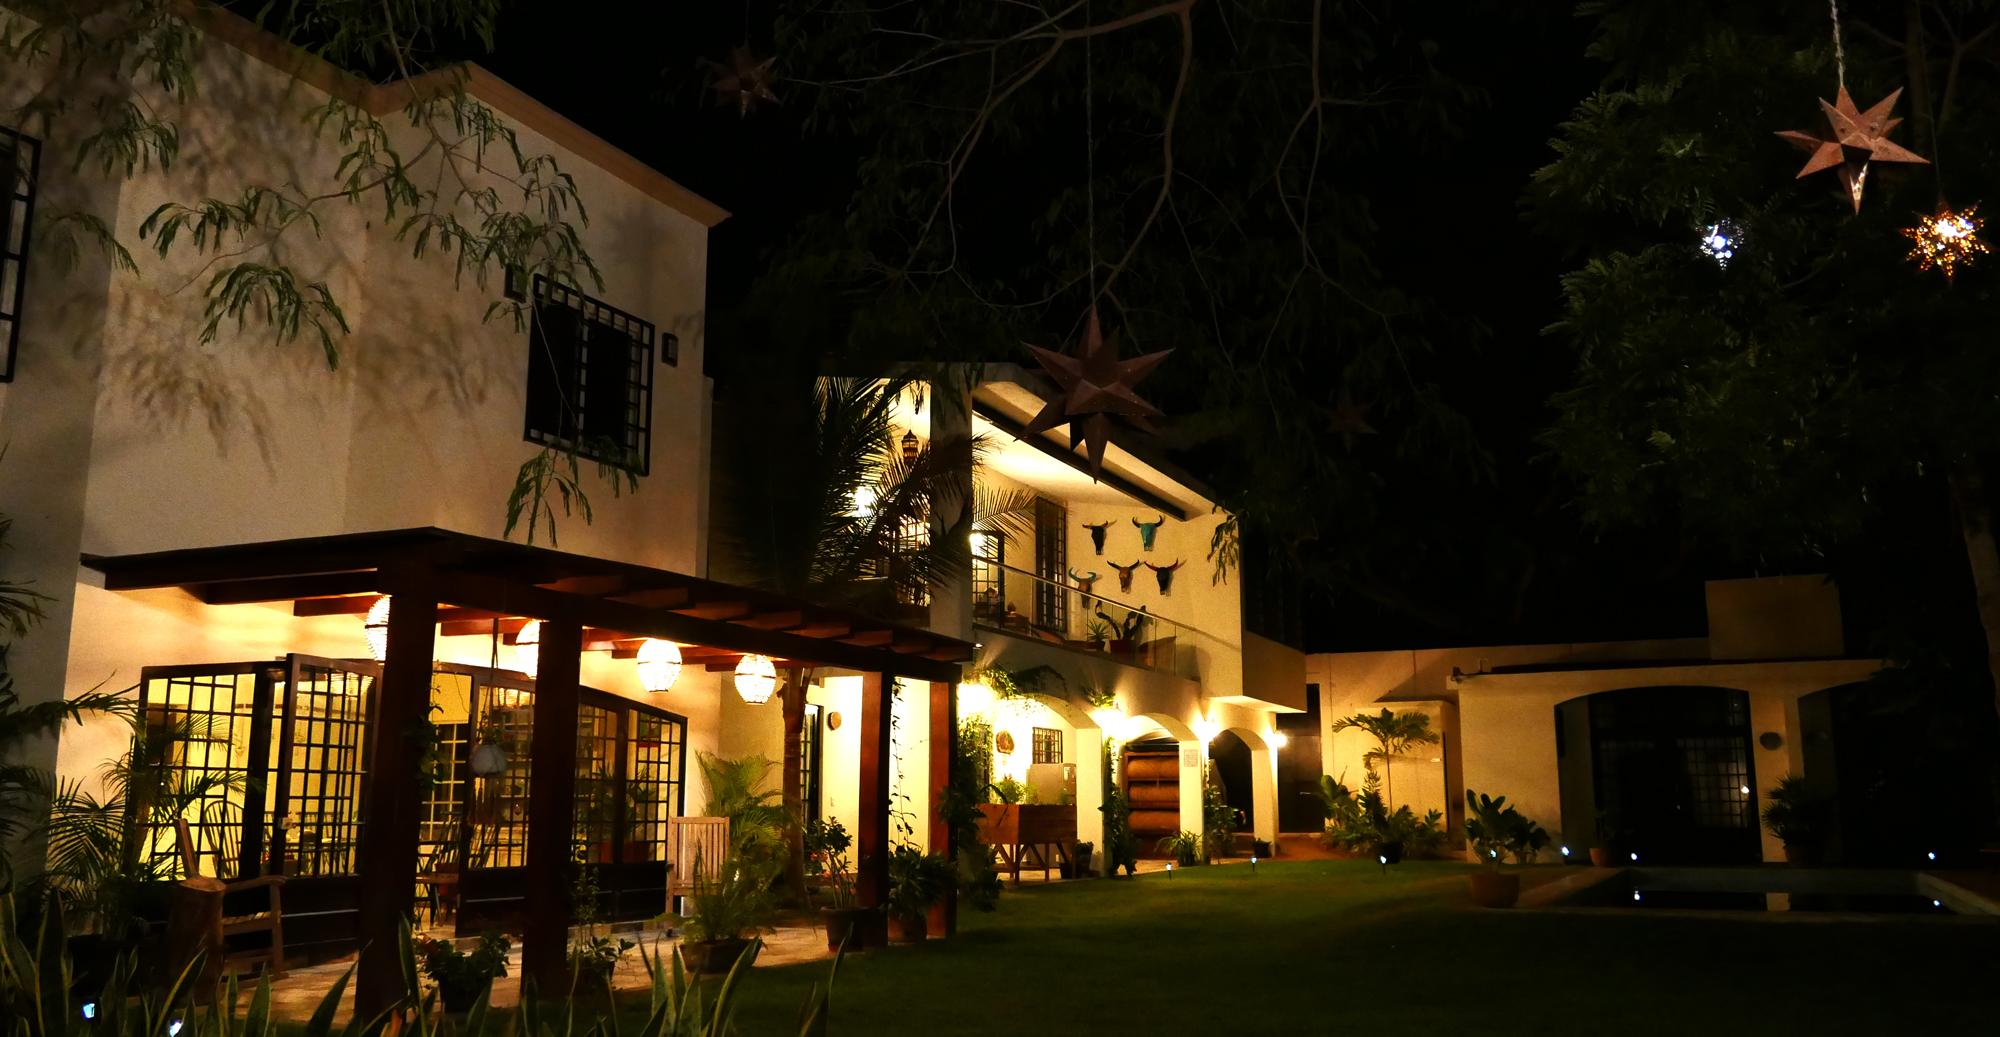 villas parota by night 1